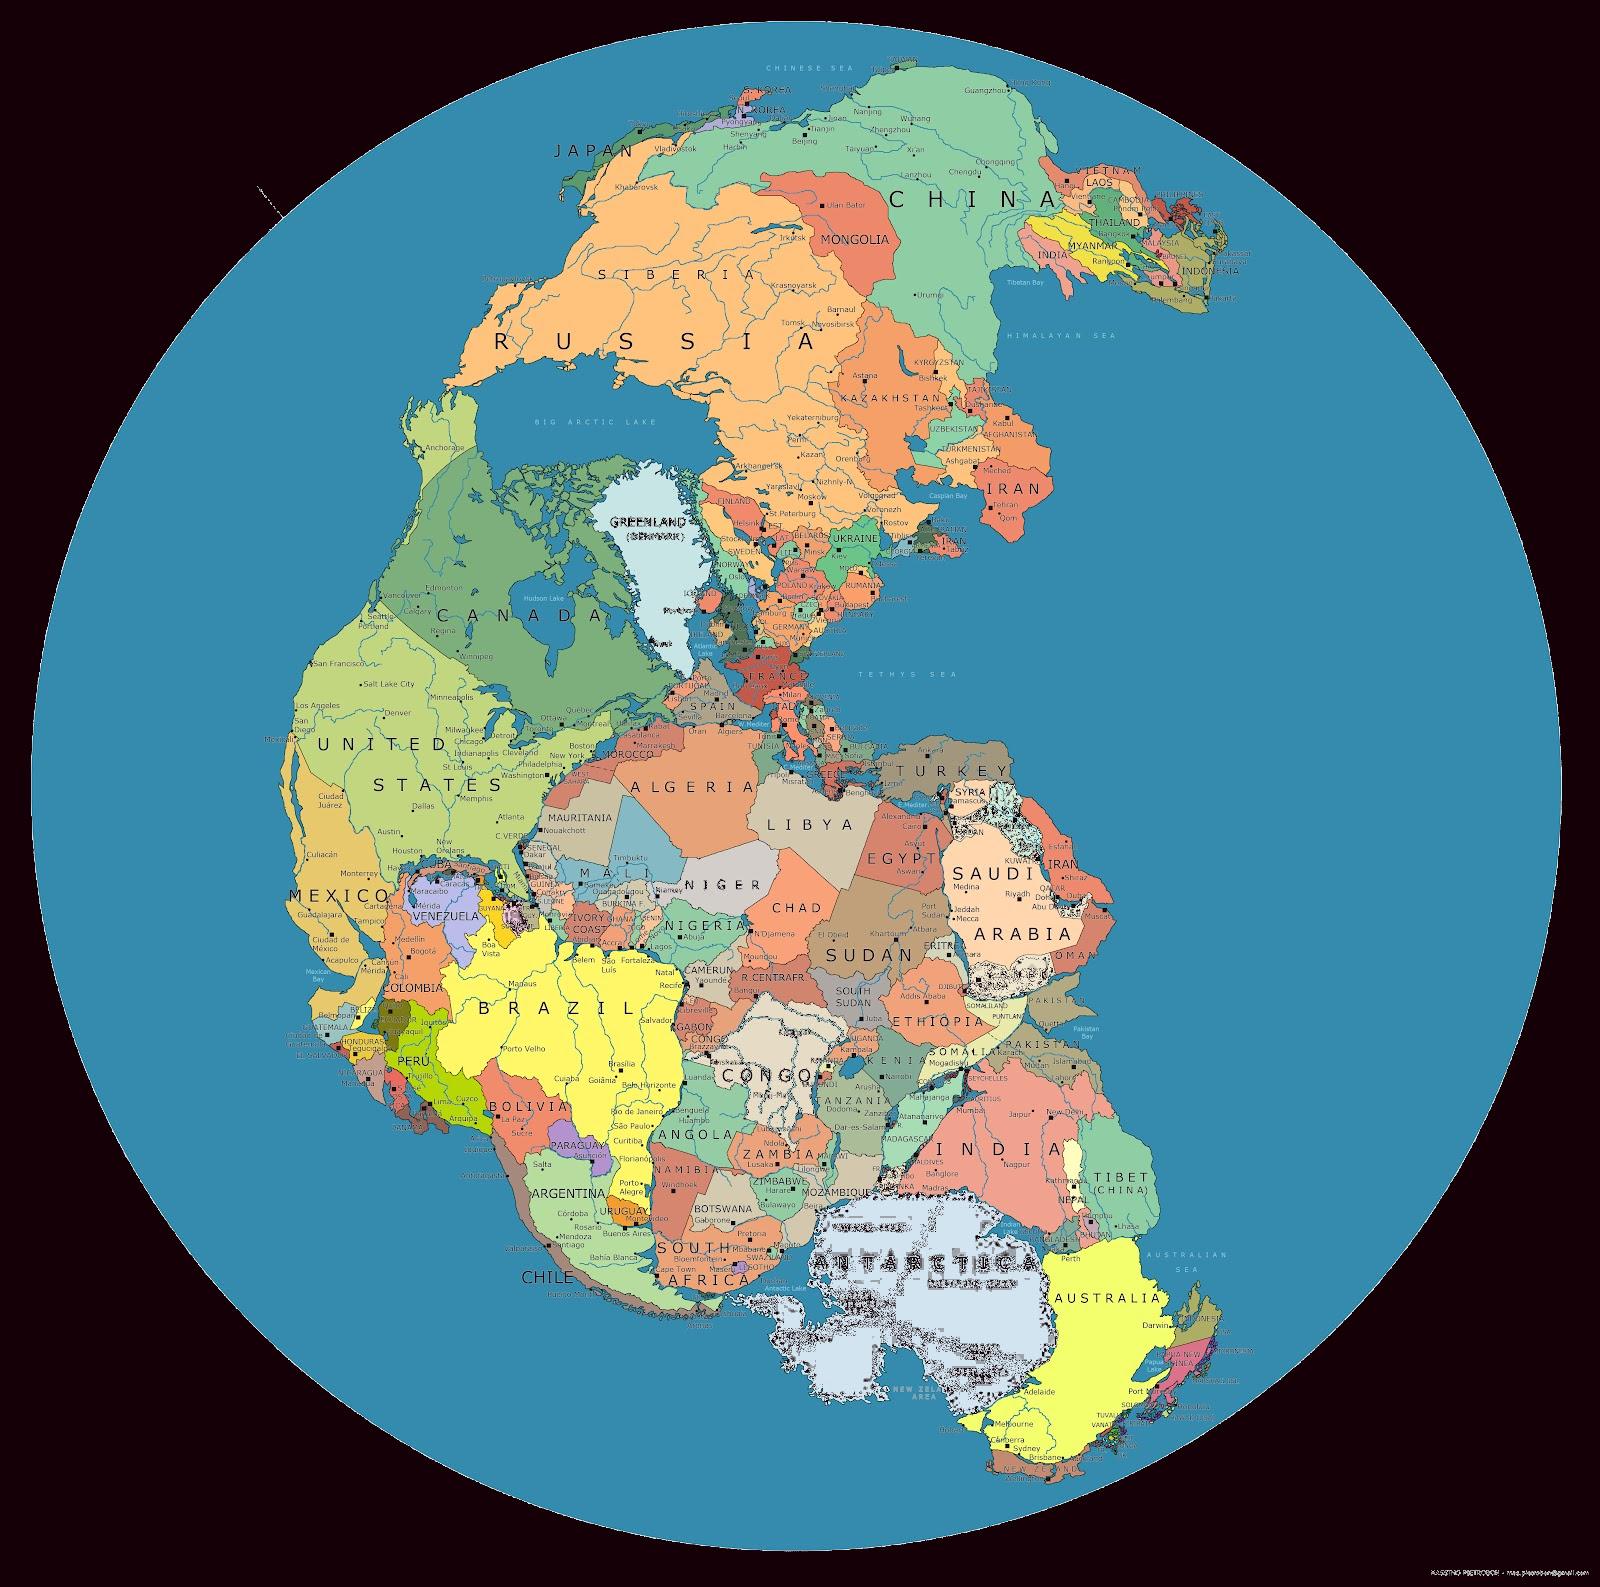 Map%2Bof%2BPangea%2Bwith%2Bcurrent%2BIntl%2Bborders.png